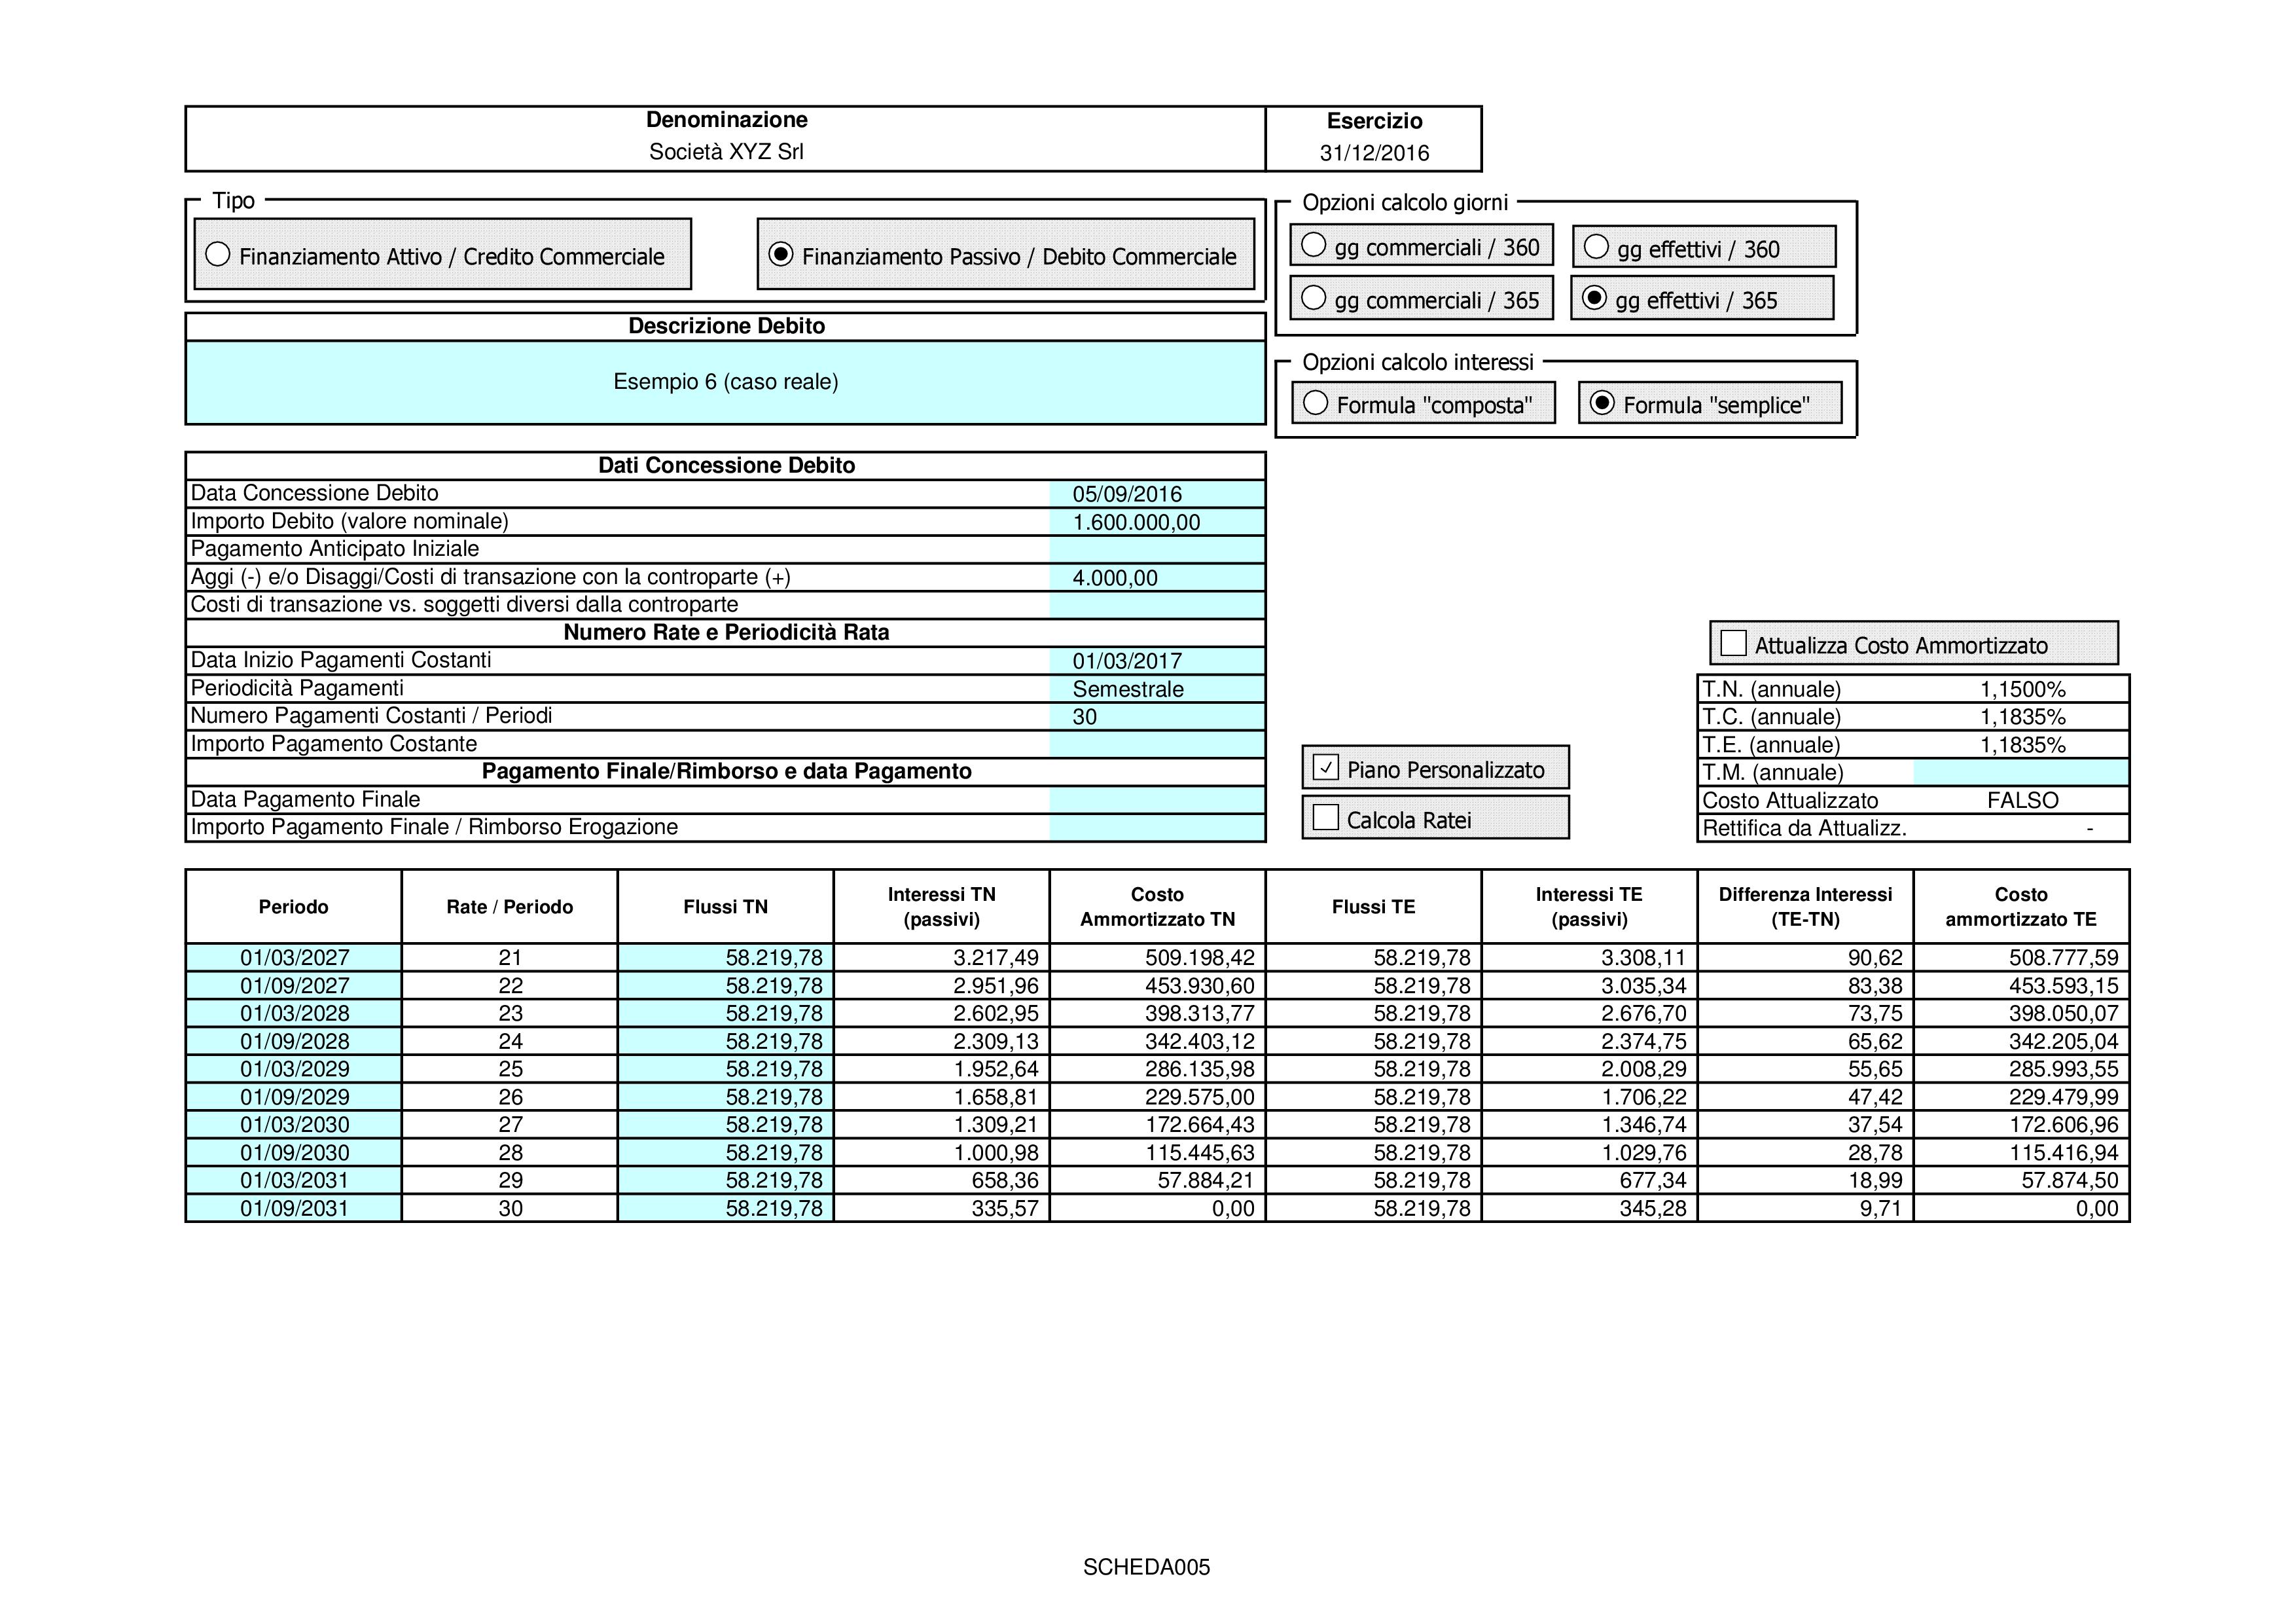 CREDITI DEBITI: valutazione costo ammortizzato 2018 - Immagine 8 / 12